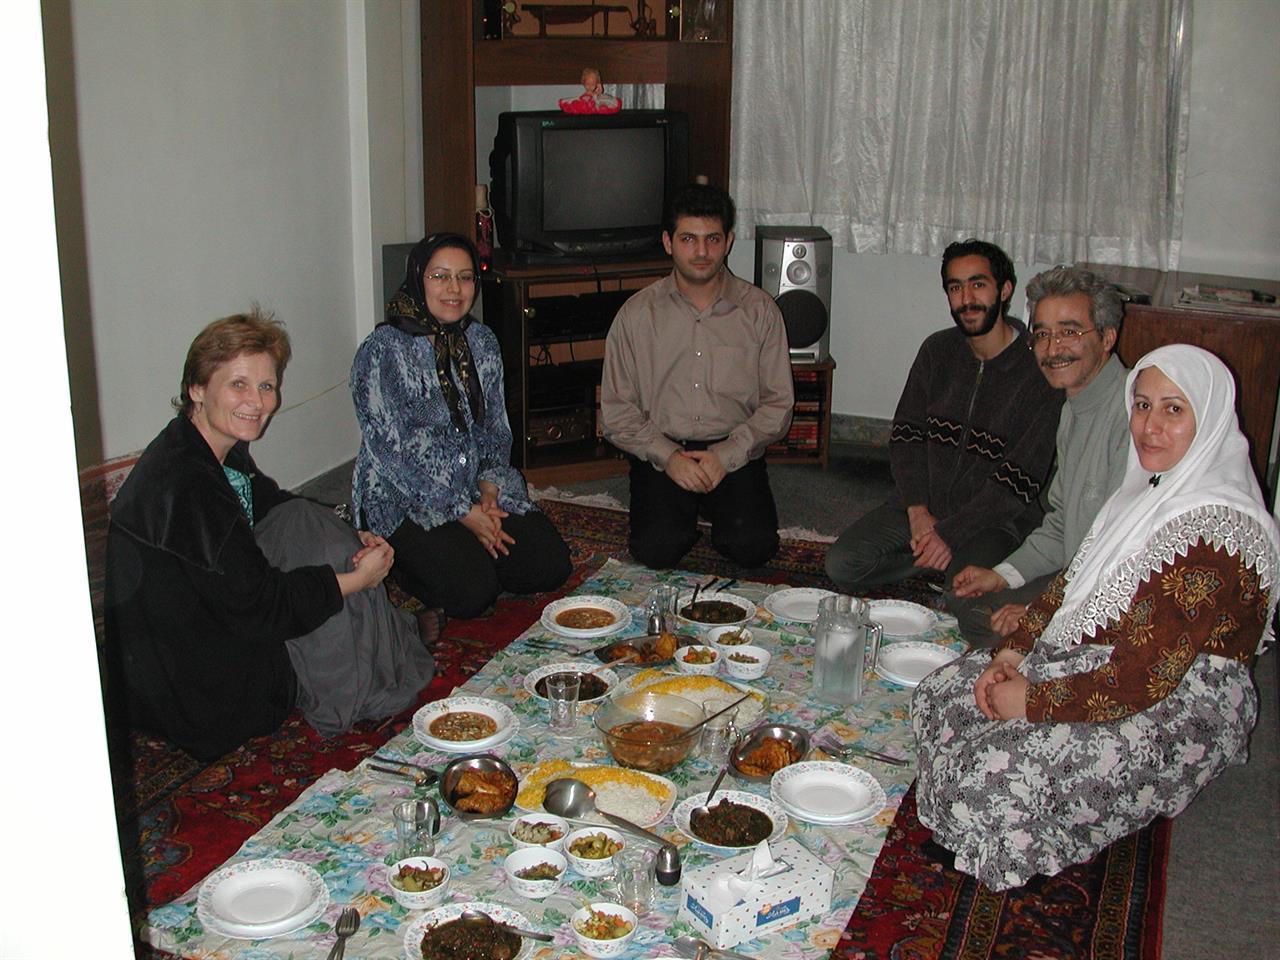 Middag hjemme hos en iransk familie